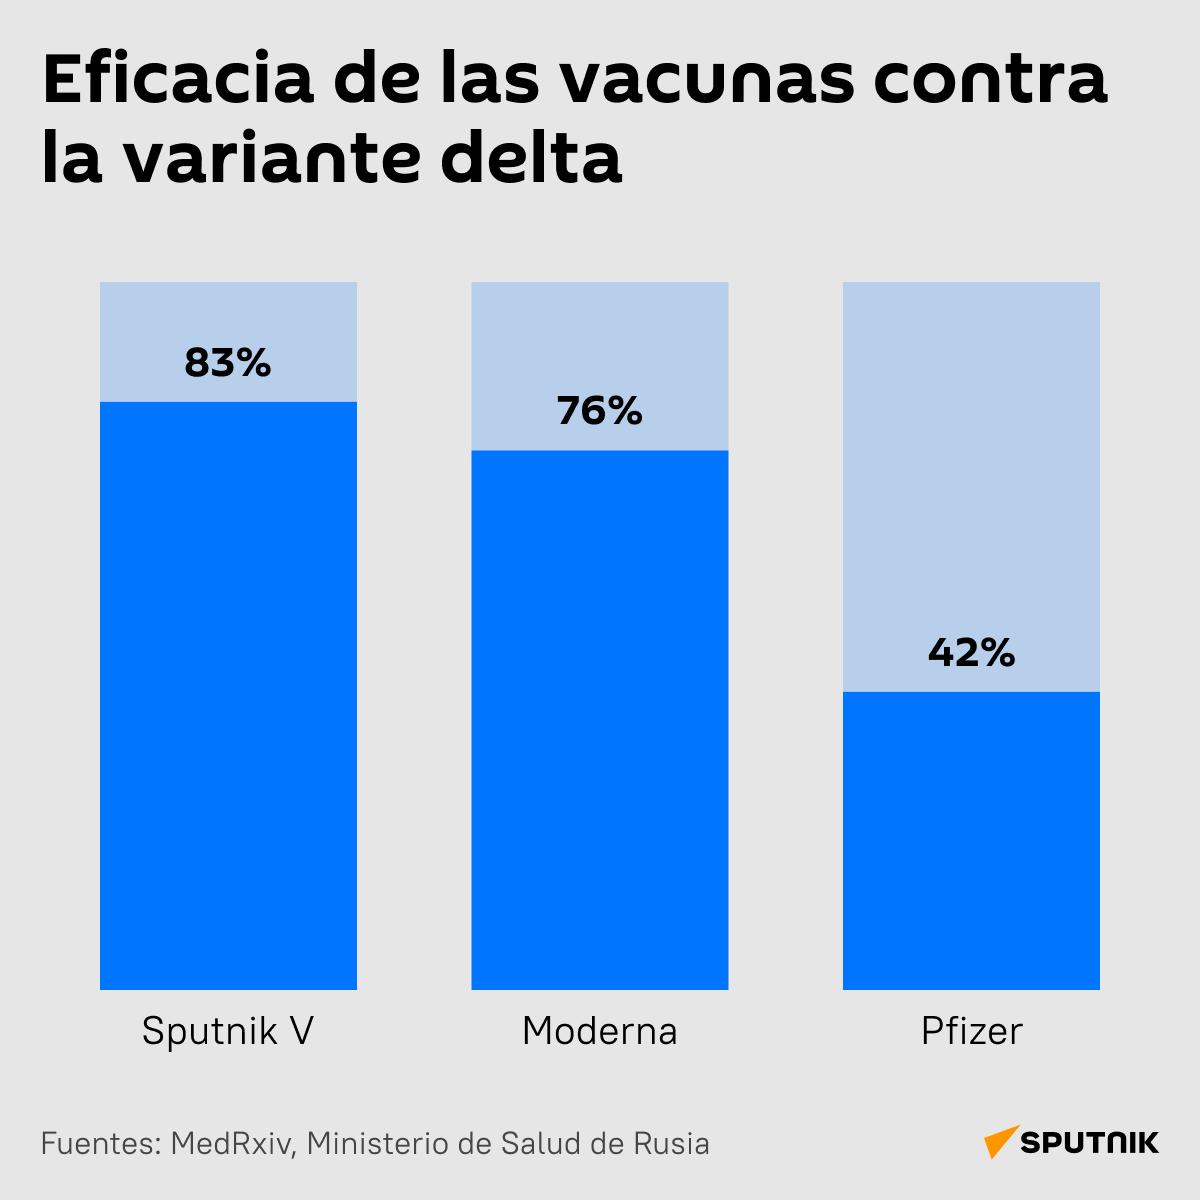 Eficacia de las vacunas contra la variante delta - Sputnik Mundo